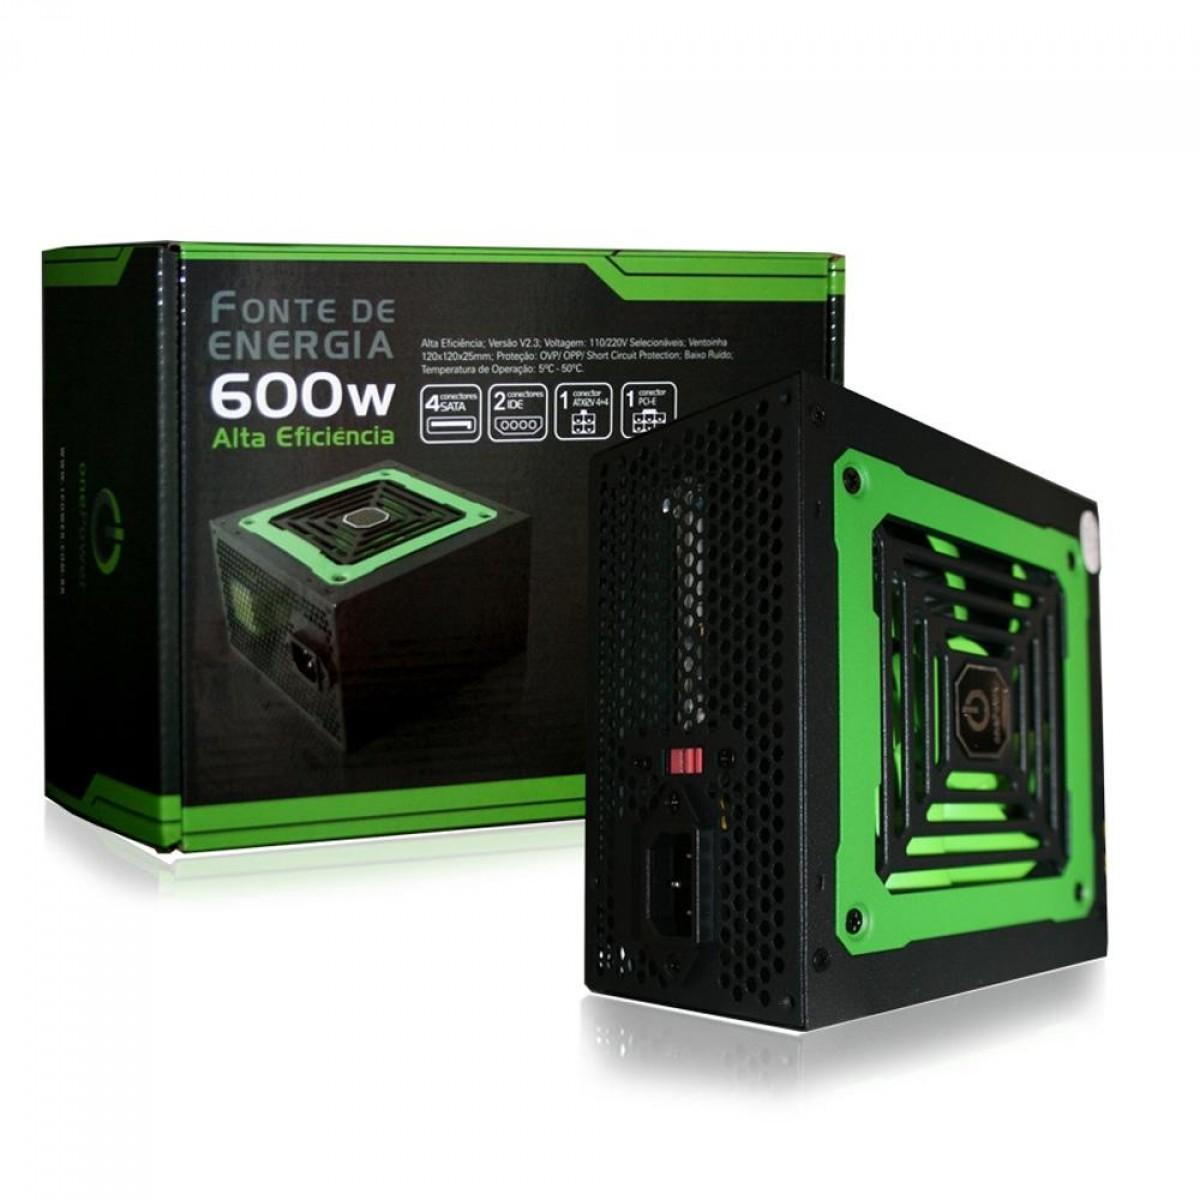 Fonte OnePower ATX 600W - MP600W3-I